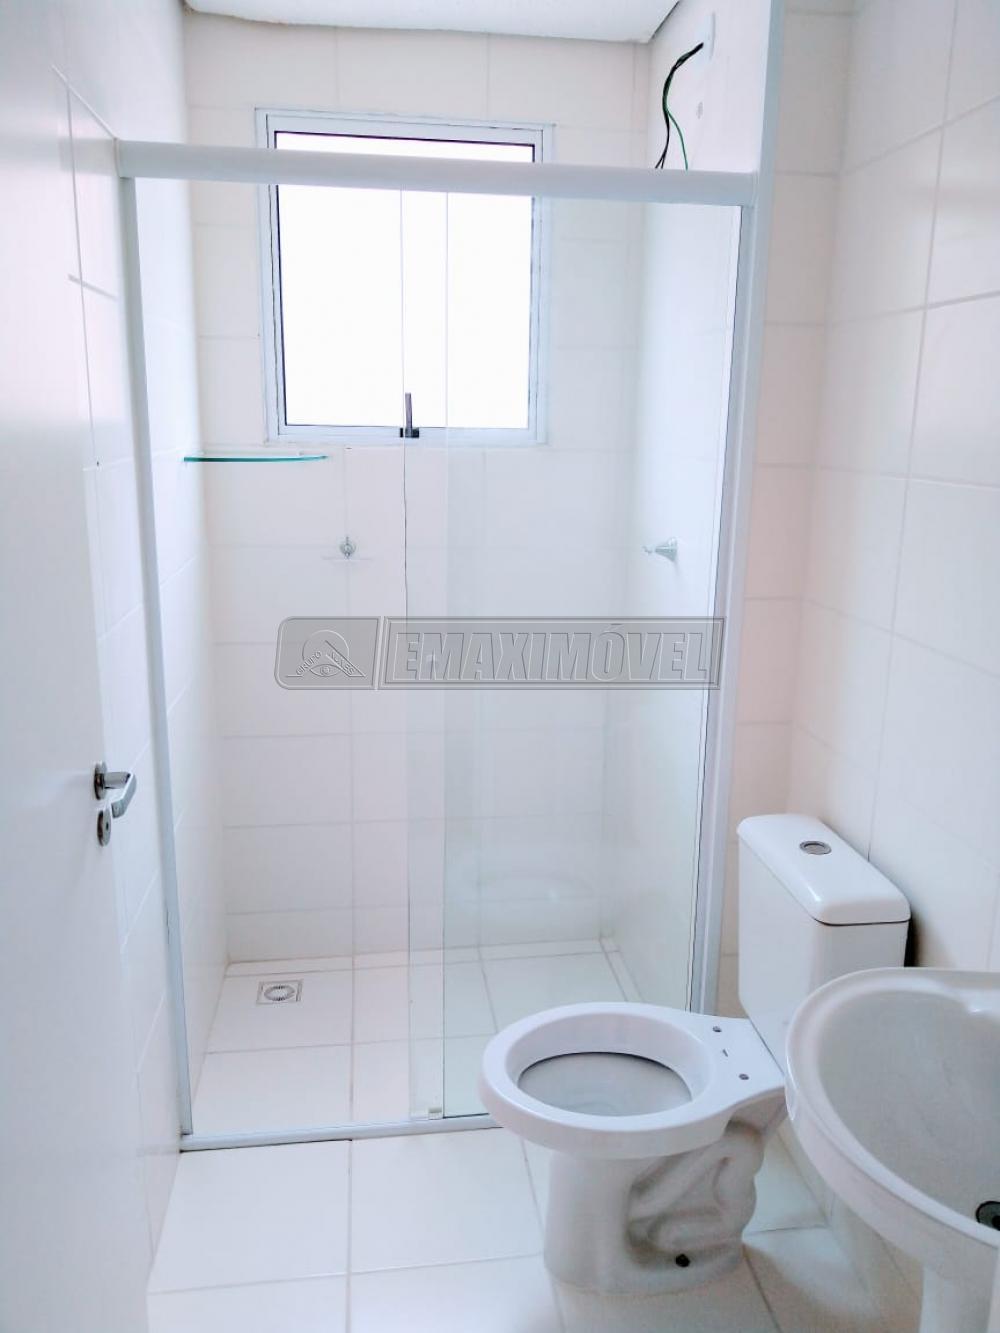 Alugar Apartamentos / Apto Padrão em Sorocaba R$ 650,00 - Foto 6